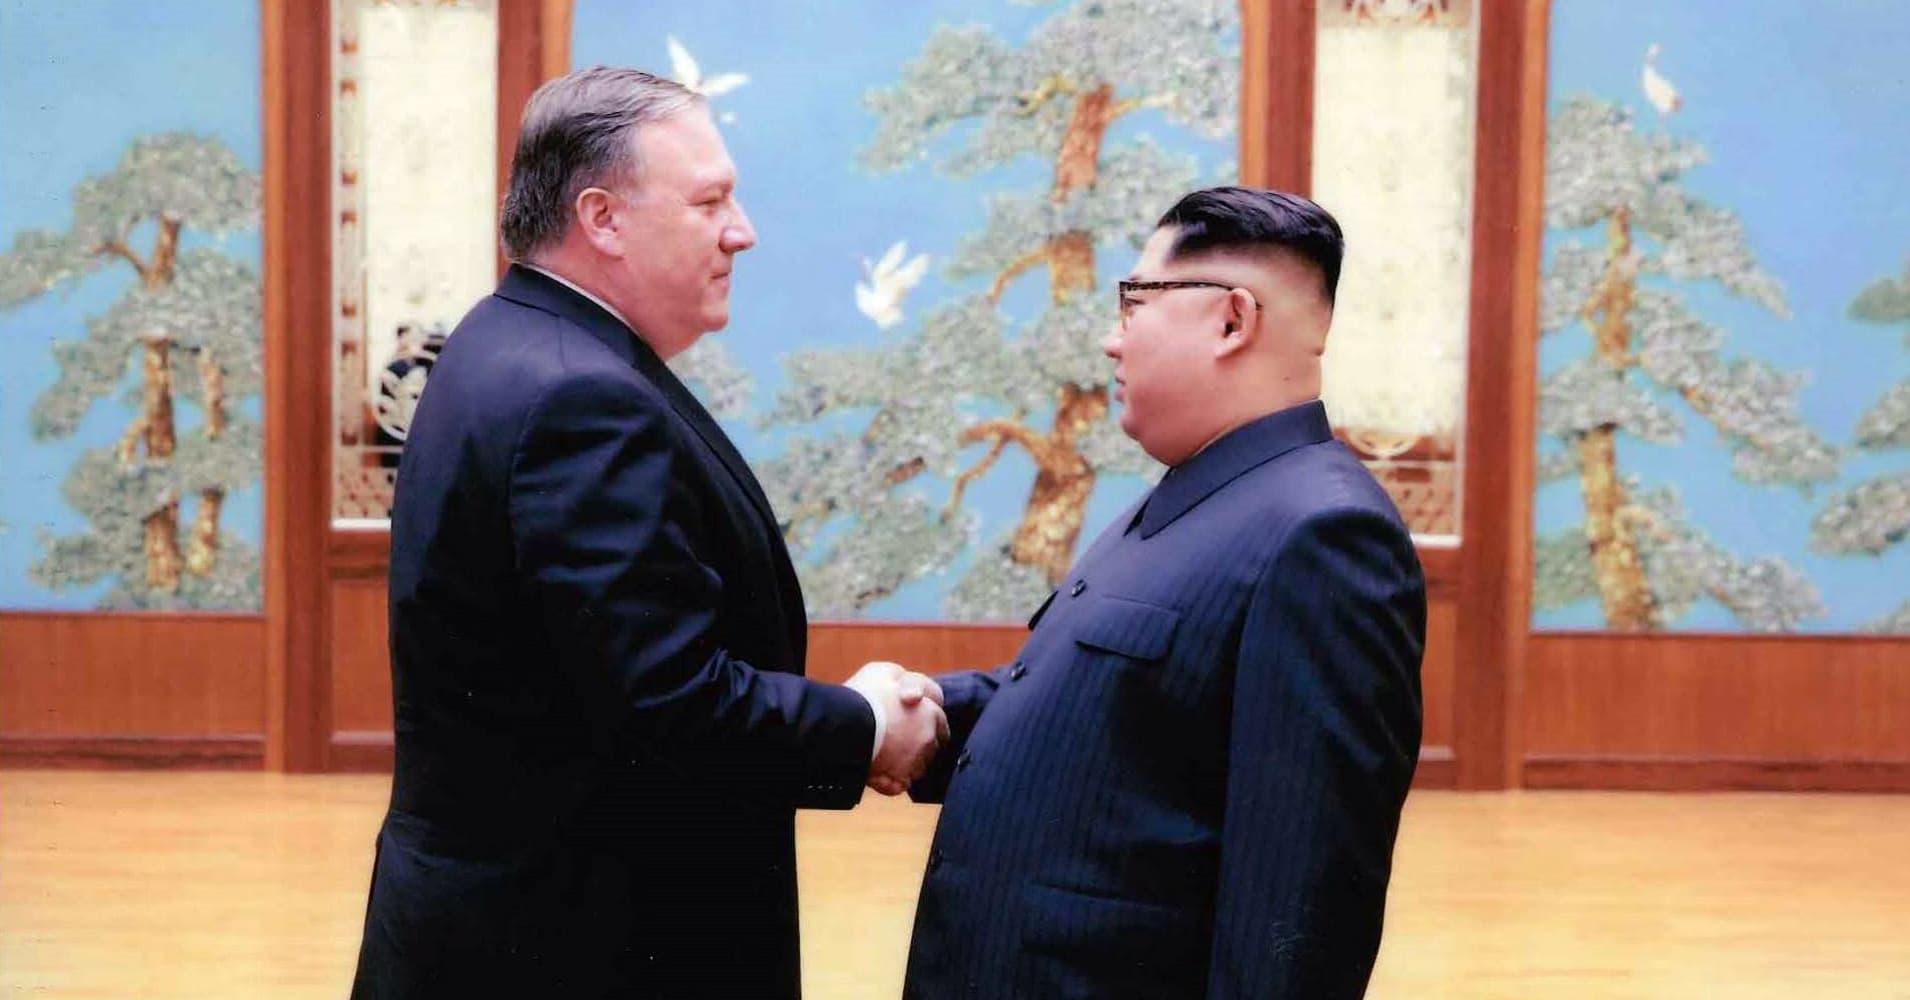 US top diplomat's meeting with North Korea postponed